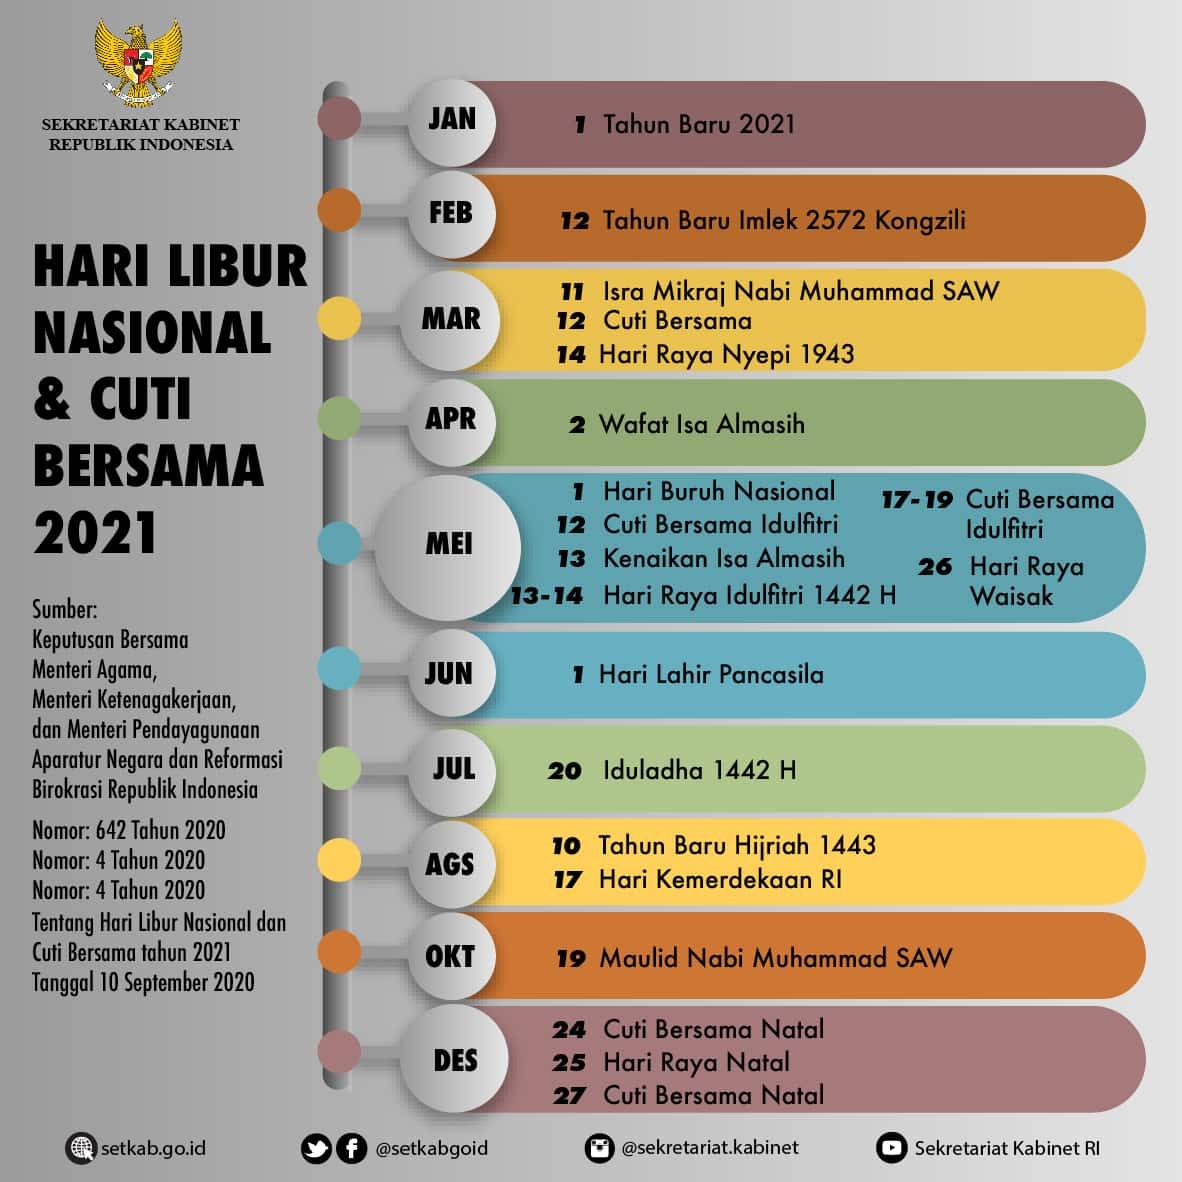 Hari Libur Nasional dan Cuti Bersama 2021